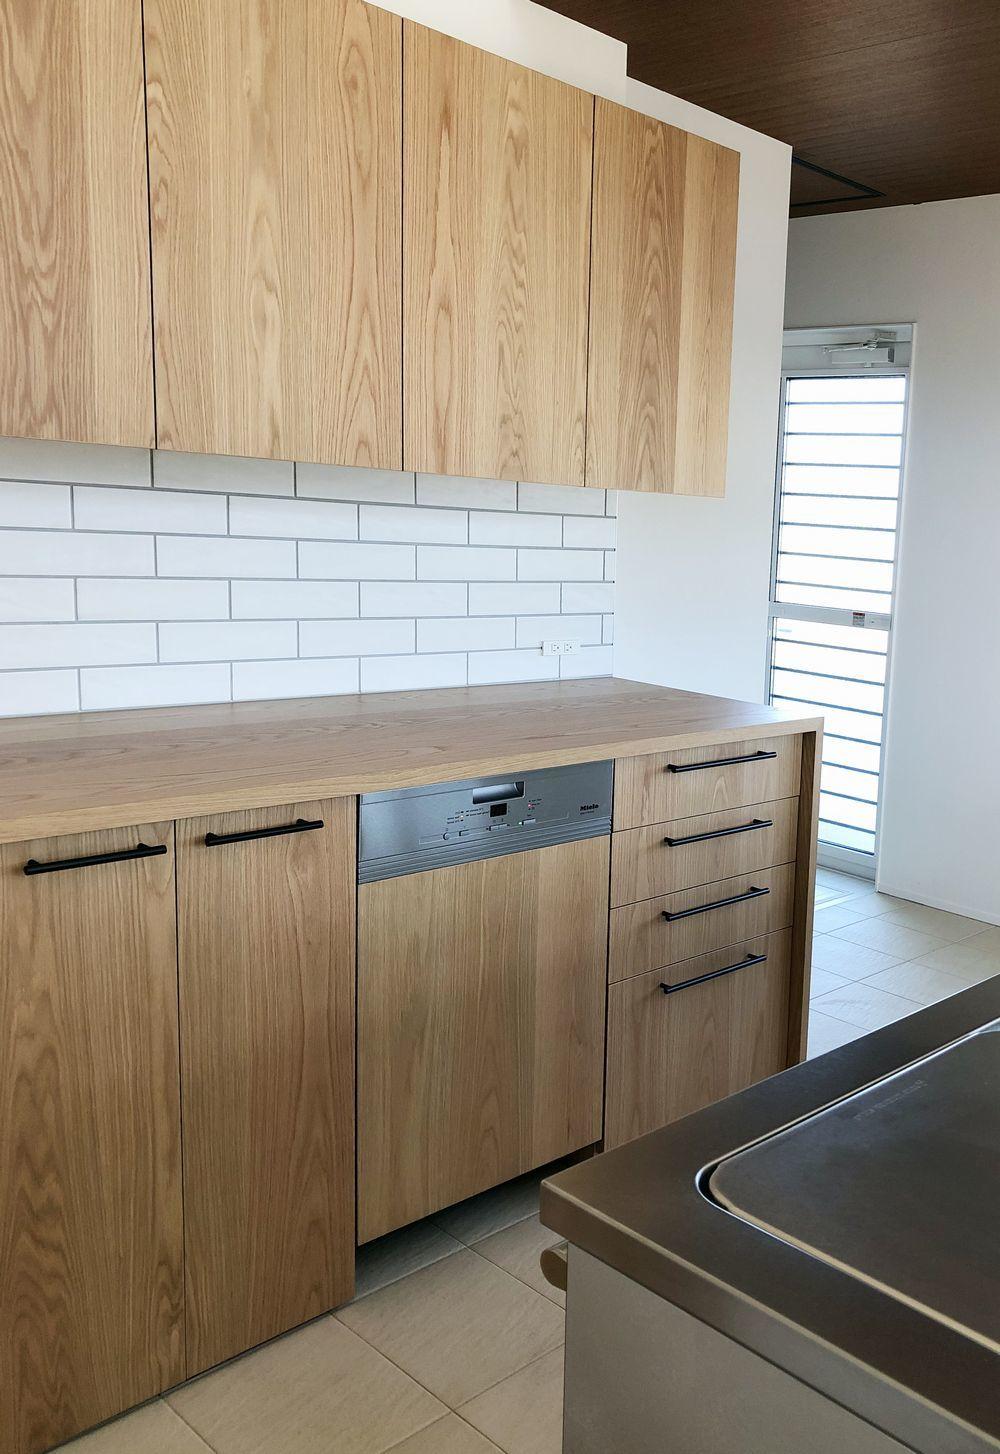 ナチュラル空間への食洗機、洗濯機設置_a0155290_11462045.jpg